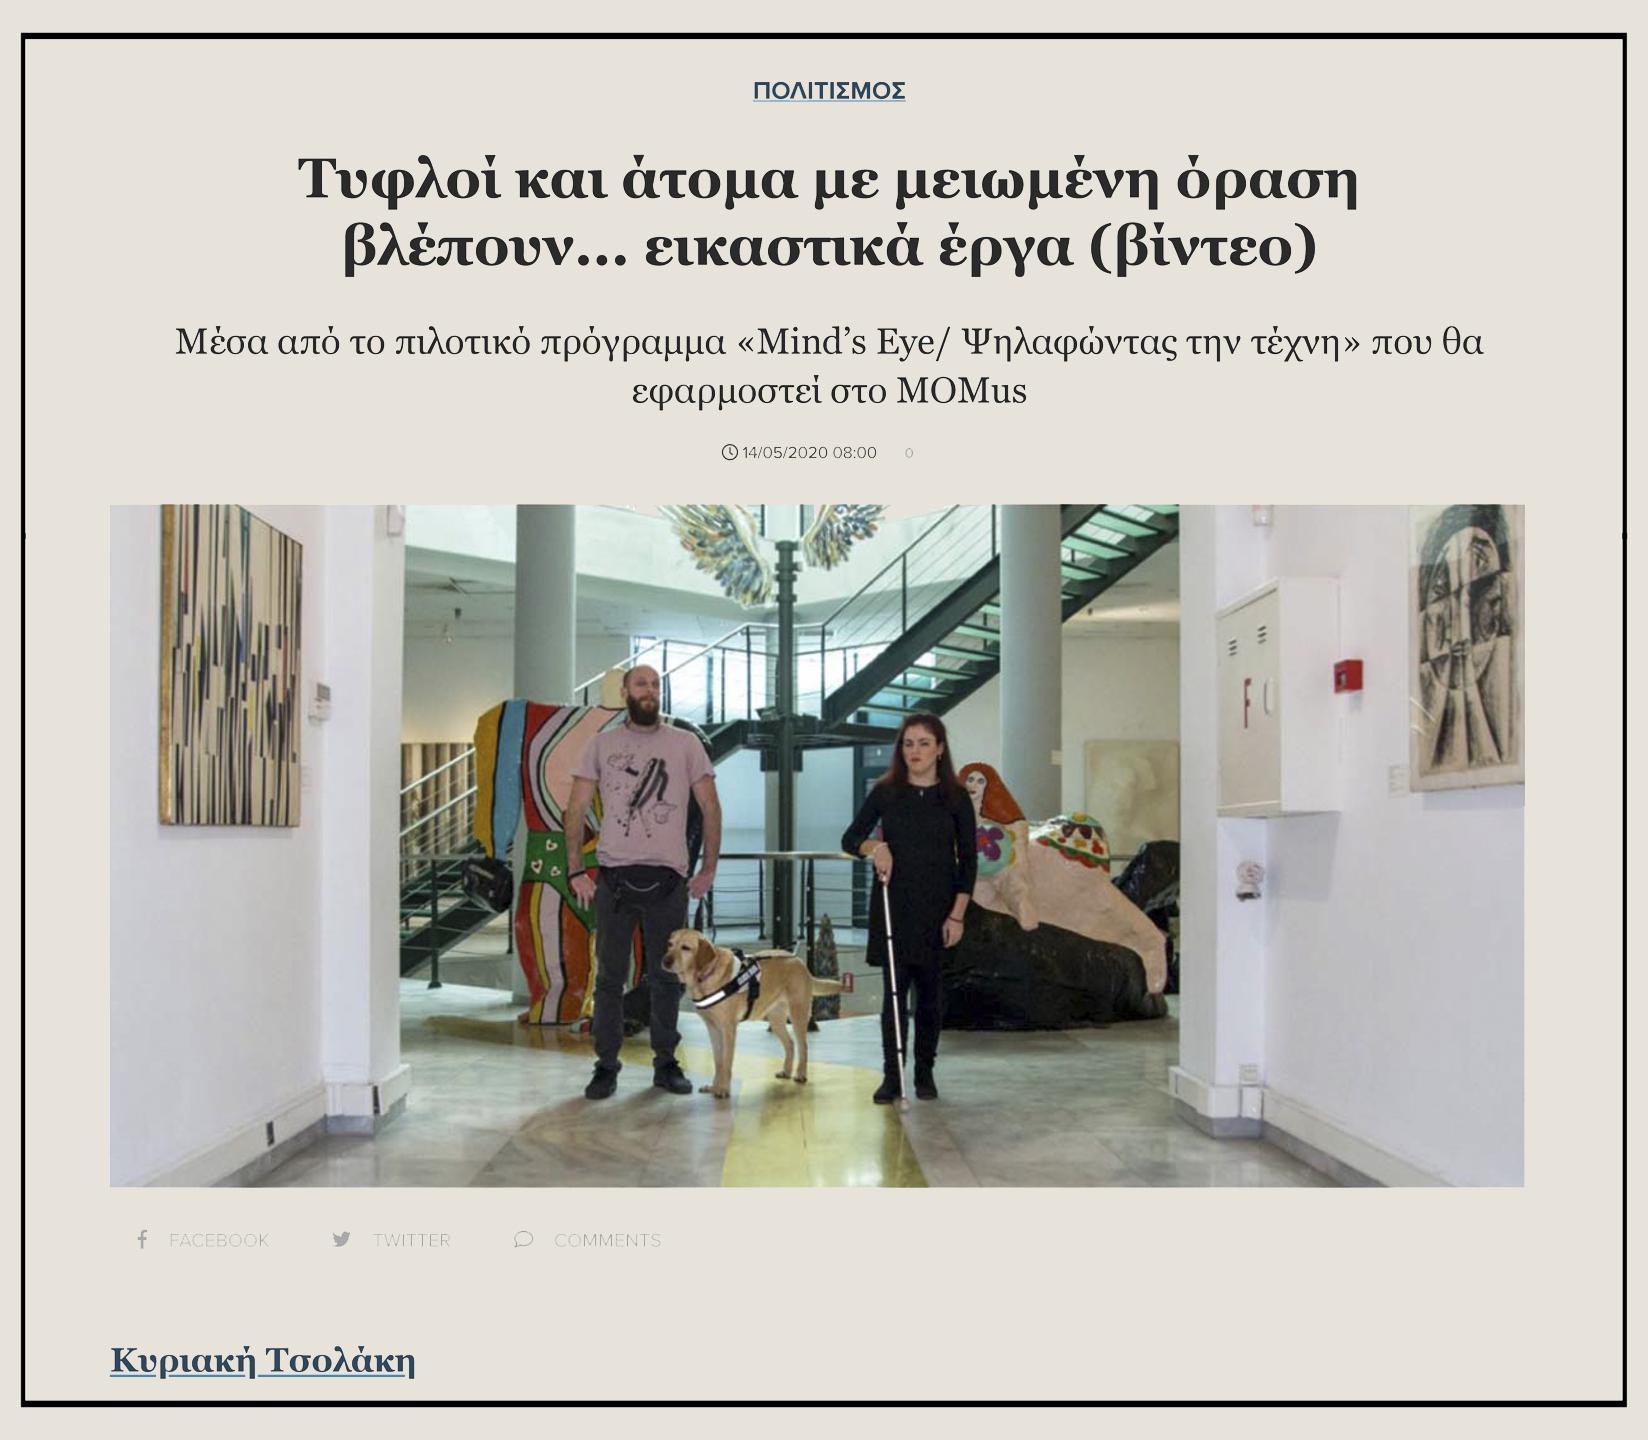 """Εικόνα από το δημοσίευμα στην εφημερίδα """"Μακεδονία"""" από την Κυριακή Τσολάκη. Φωτογραφία από το ισόγειο της Αίθουσας Αλέξανδρου Ιόλα του MOMus-Μουσείου Σύγχρονης Τέχνης στην οποία εμφανίζονται η Φανή Τσικούρα και ο Θανάσης Σιδέρης με τη Φρίντα-σκύλο οδηγό μέσα στη συλλογή έργων όπου εφαρμόζεται το πρόγραμμα Mind's Eye. Η Φανή και ο Θανάσης φαίνεται να κινούνται στο χώρο της συλλογής του μουσείου με φόντο τα έργα της συλλογής: Ψηλά διακρίνεται το έργο Φτερά του Παύλου Διονυσόπουλου, πίσω από τη Φανή και το Θανάση διακρίνουμε τμήμα από τα γλυπτά Αδάμ και Εύα της Νίκι ντε Σαντ Φάλ ενώ στο διάδρομο μπροστά από τους εικονιζόμενους στους πλαϊνούς τοίχους μπορούμε να διακρίνουμε το έργο Σύνθεση του Βίκτωρ Μπράουνερ και έργο του Ρομπέρτο Κρίπα."""